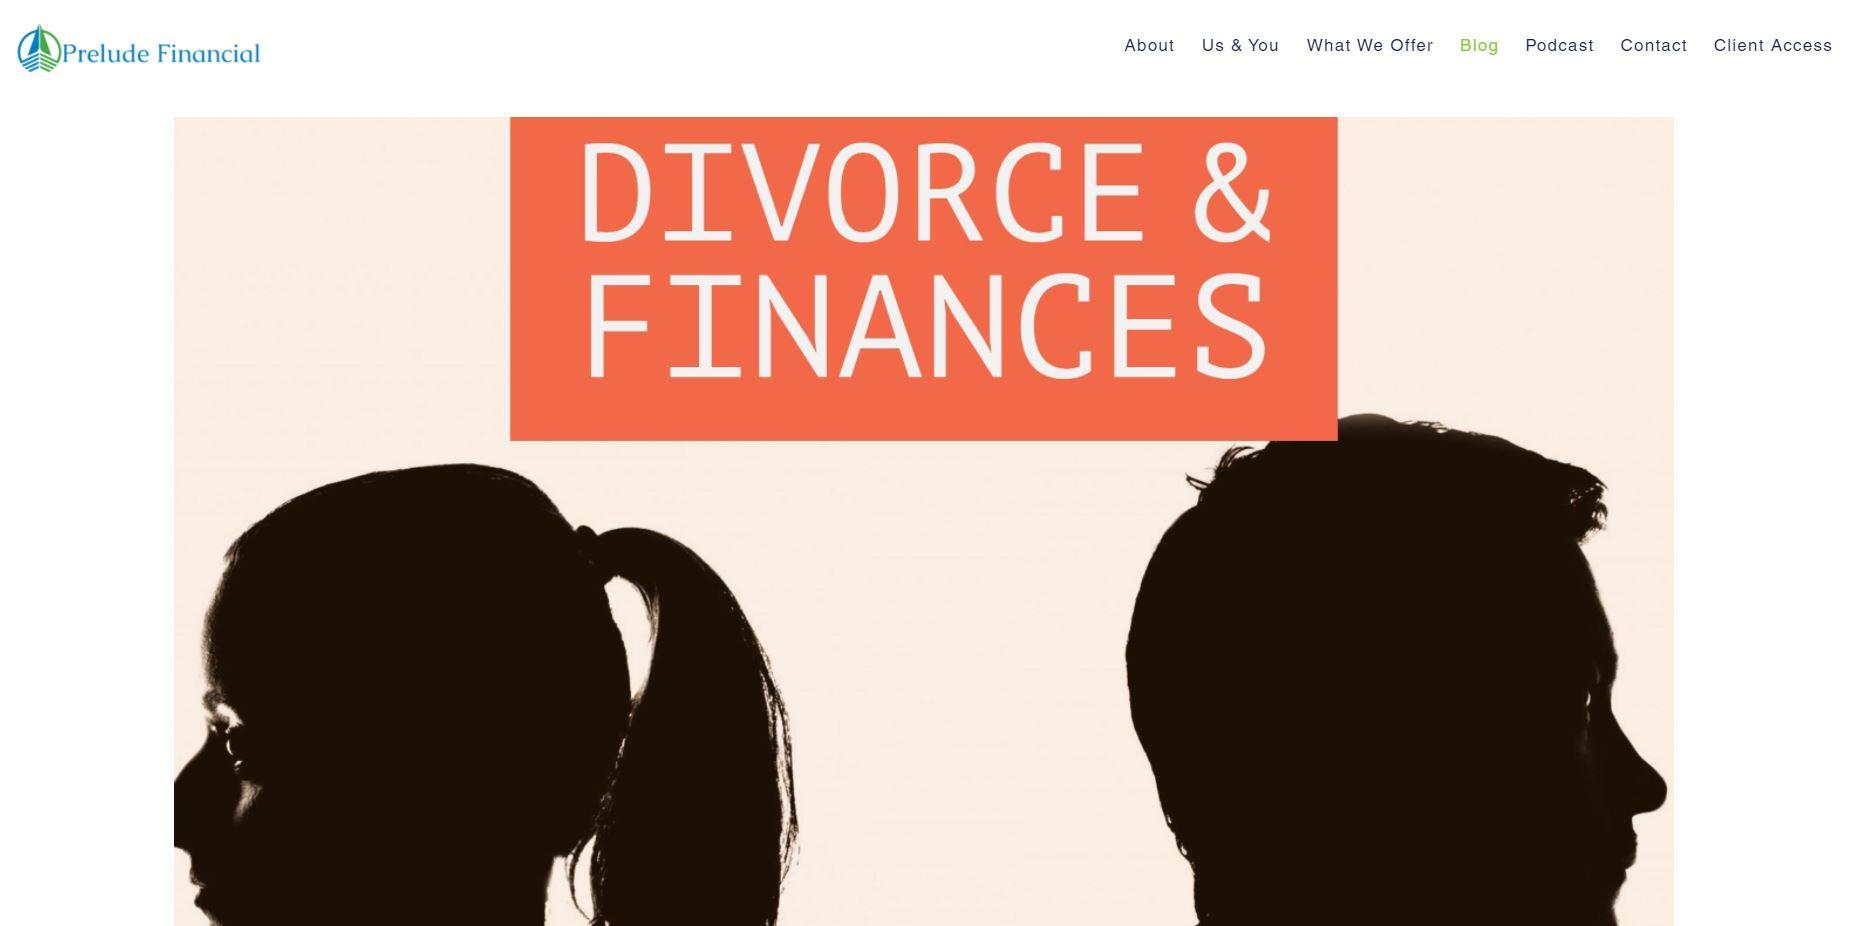 prelude financial blog